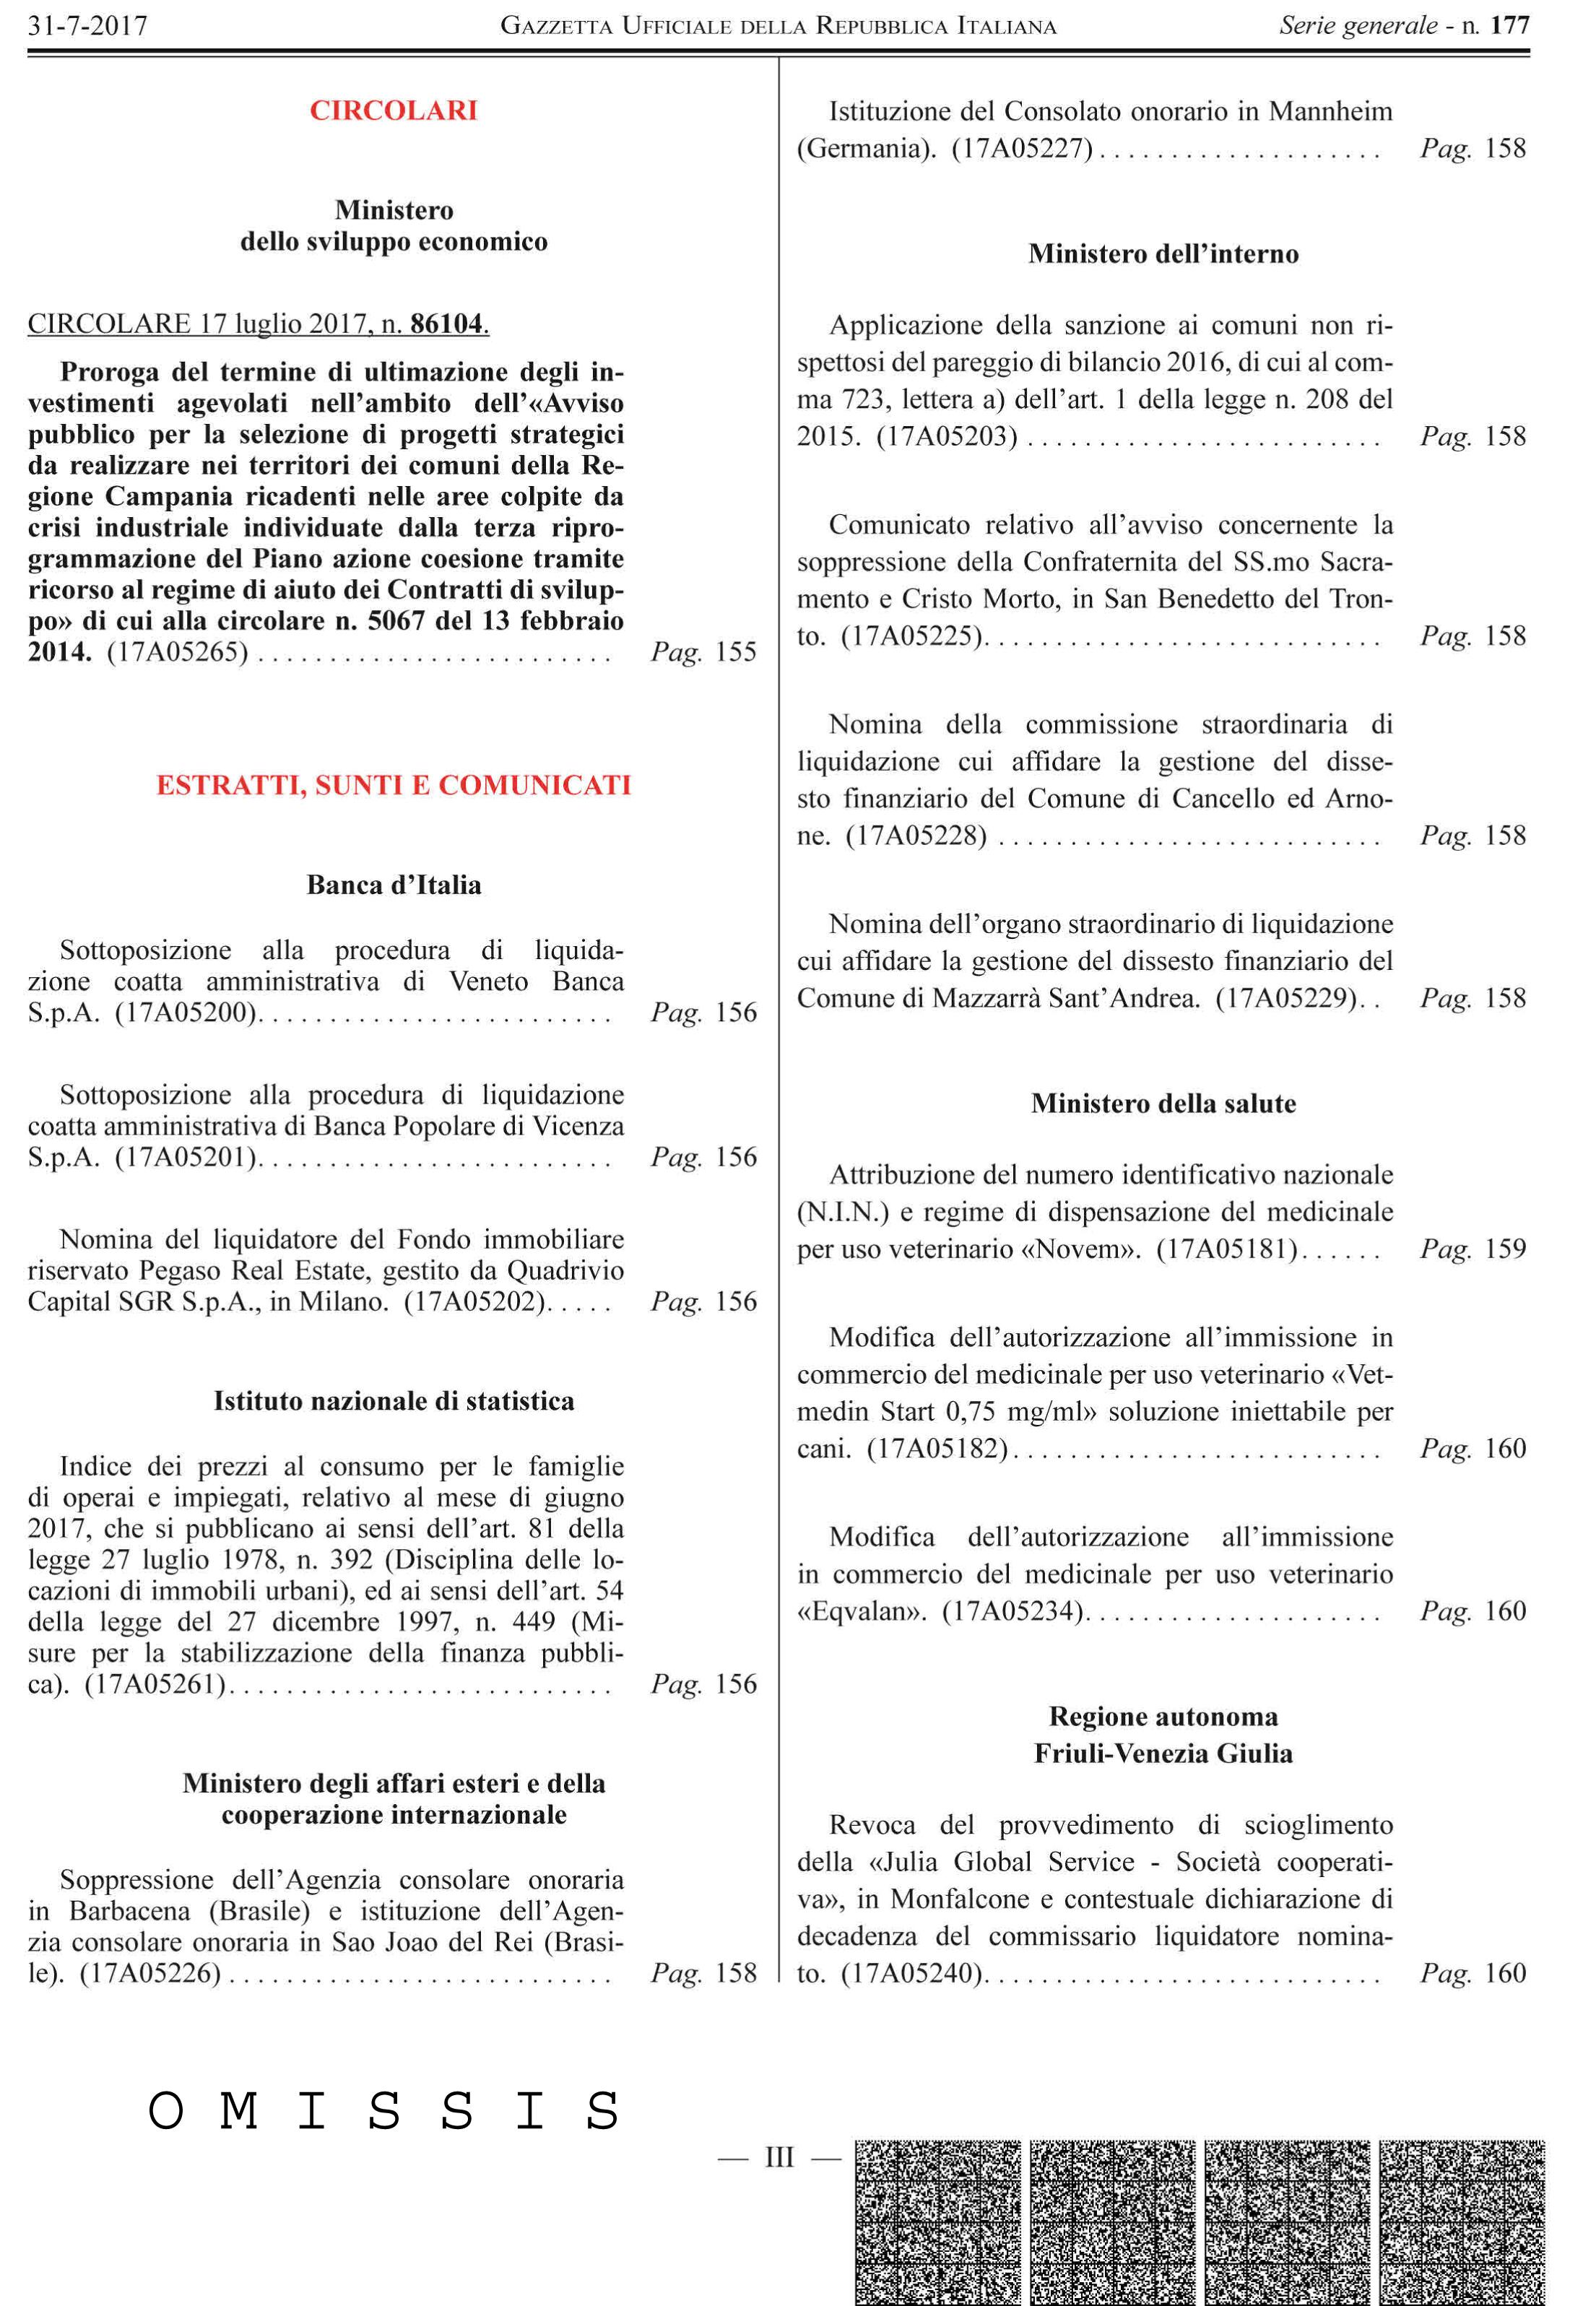 Documentazione per procedere alla presentazione della domanda di insinuazione nelle procedure di liquidazione coatta amministrativa delle due banche venete